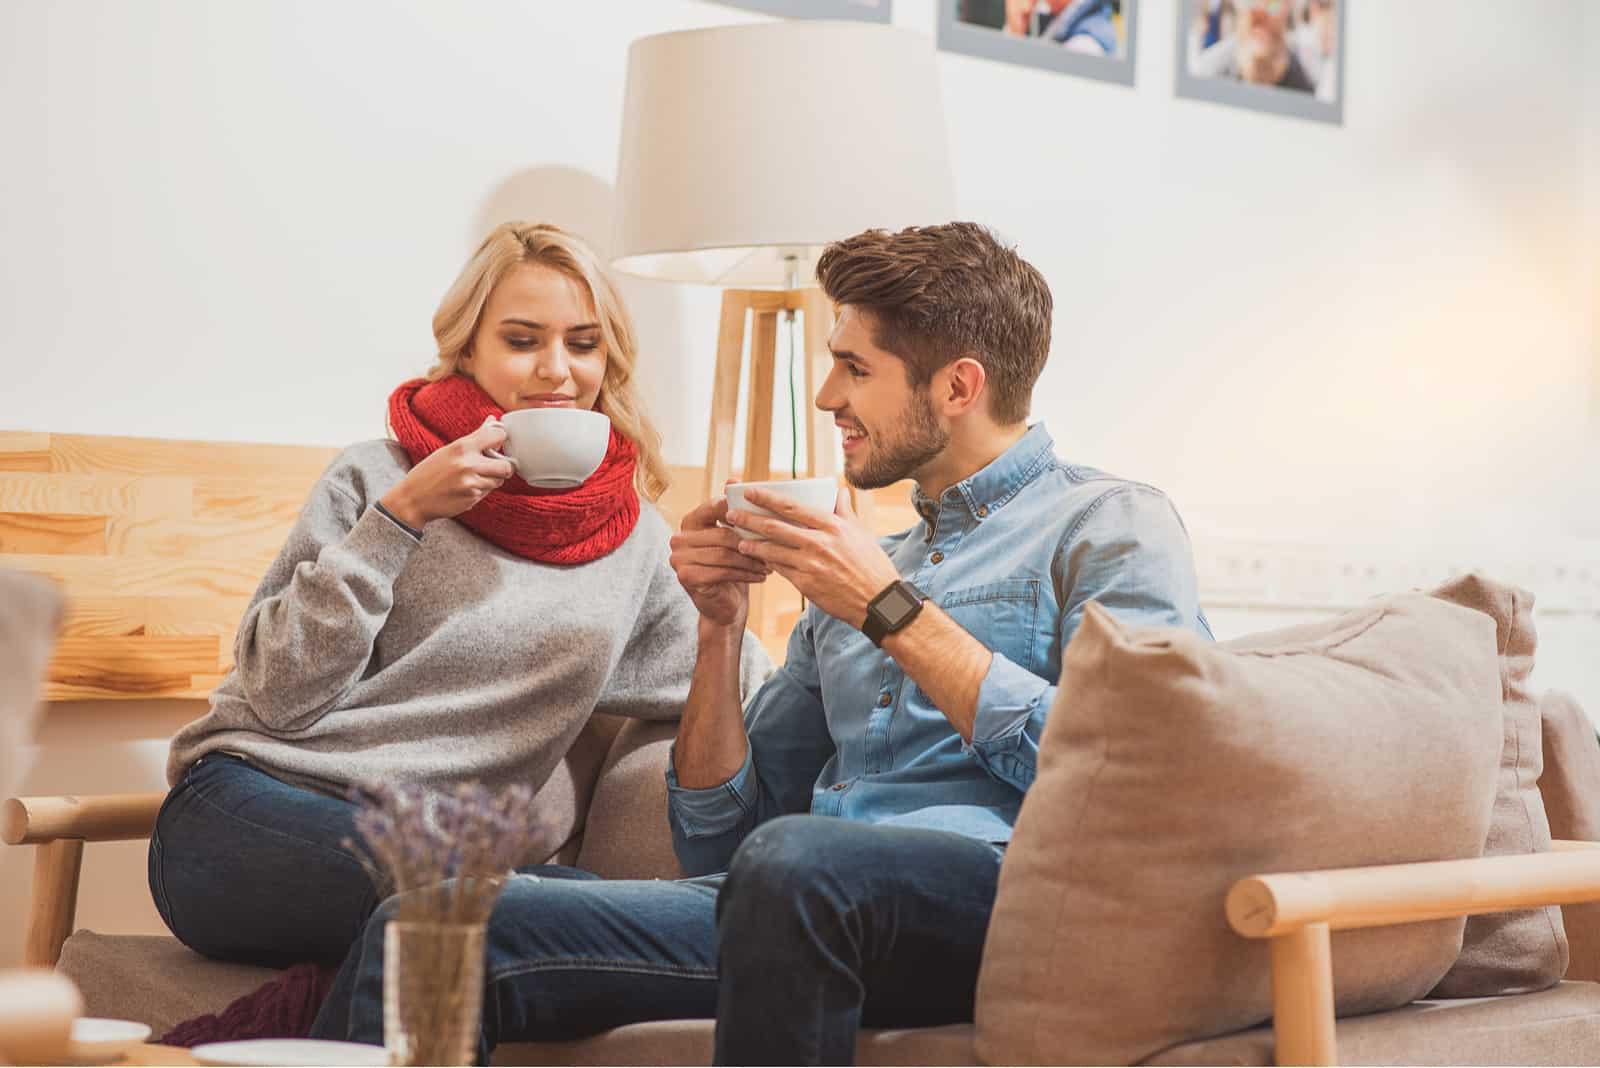 un homme et une femme sont assis en train de boire du café